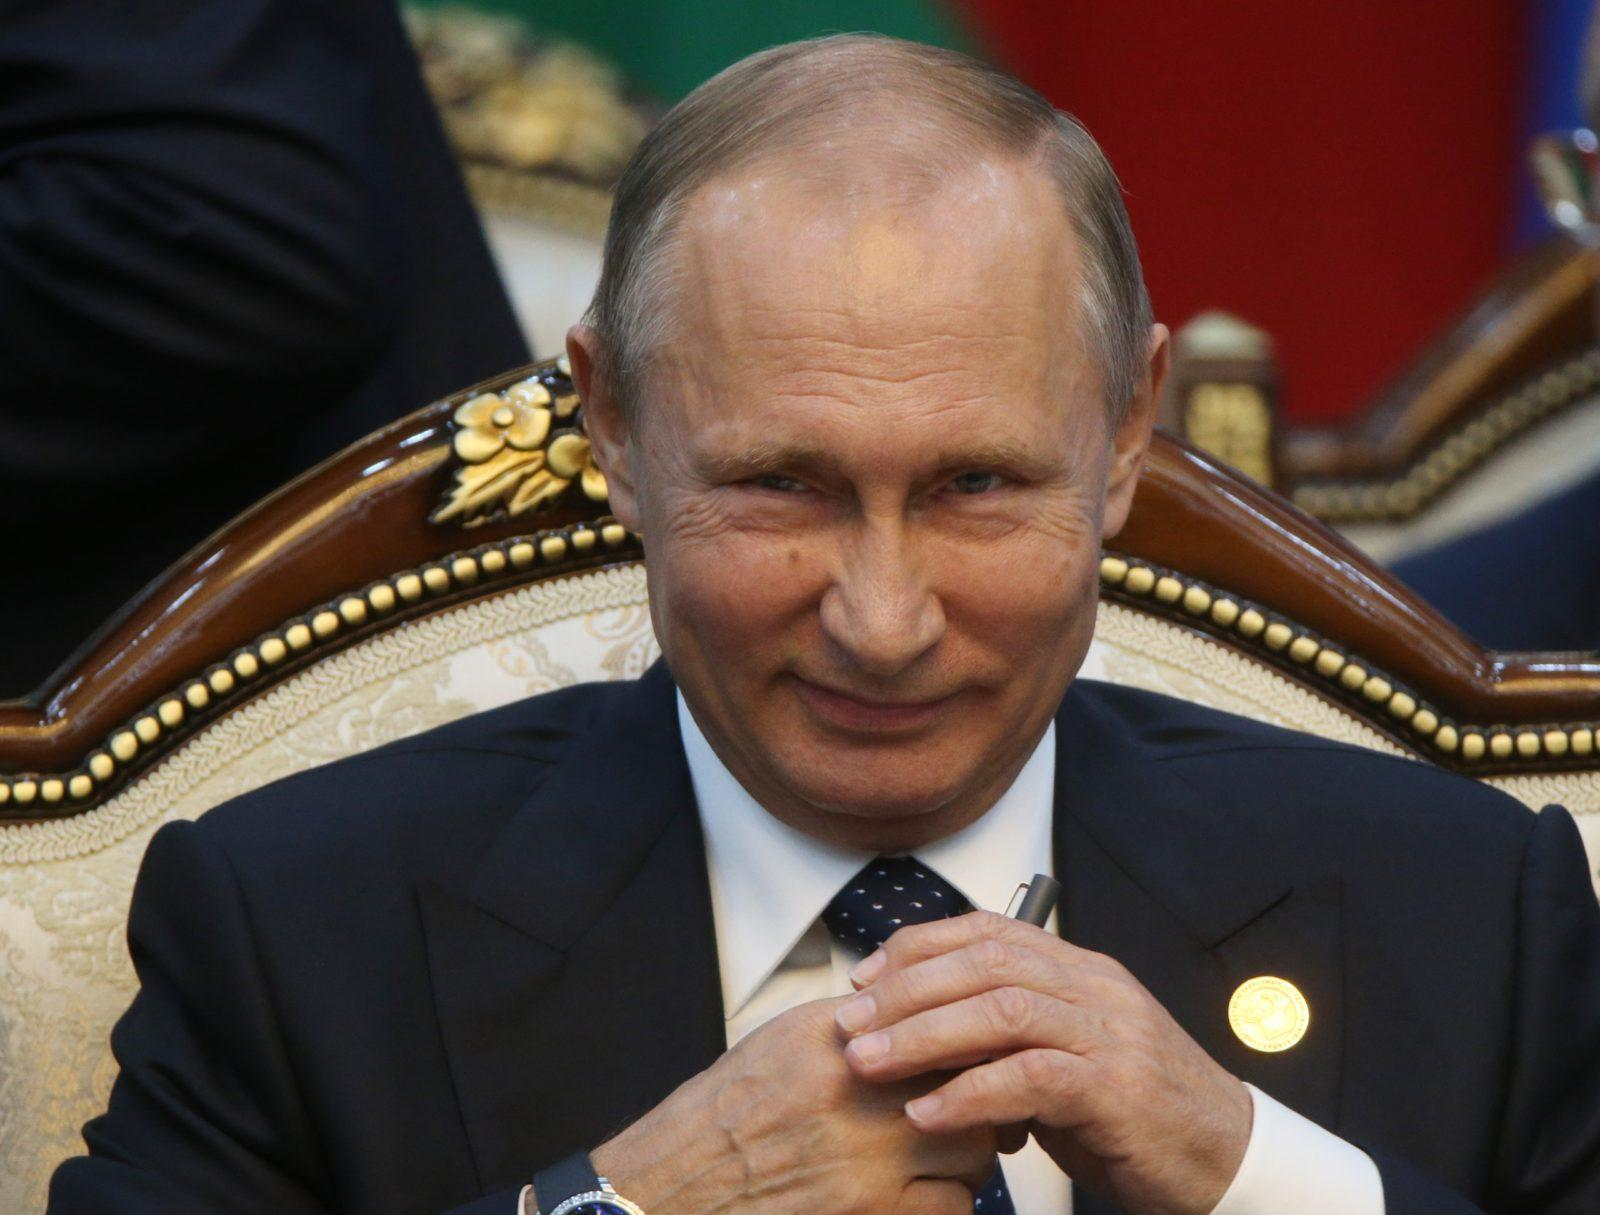 Госдума приняла закон о многодневном голосовании на выборах всех уровней.